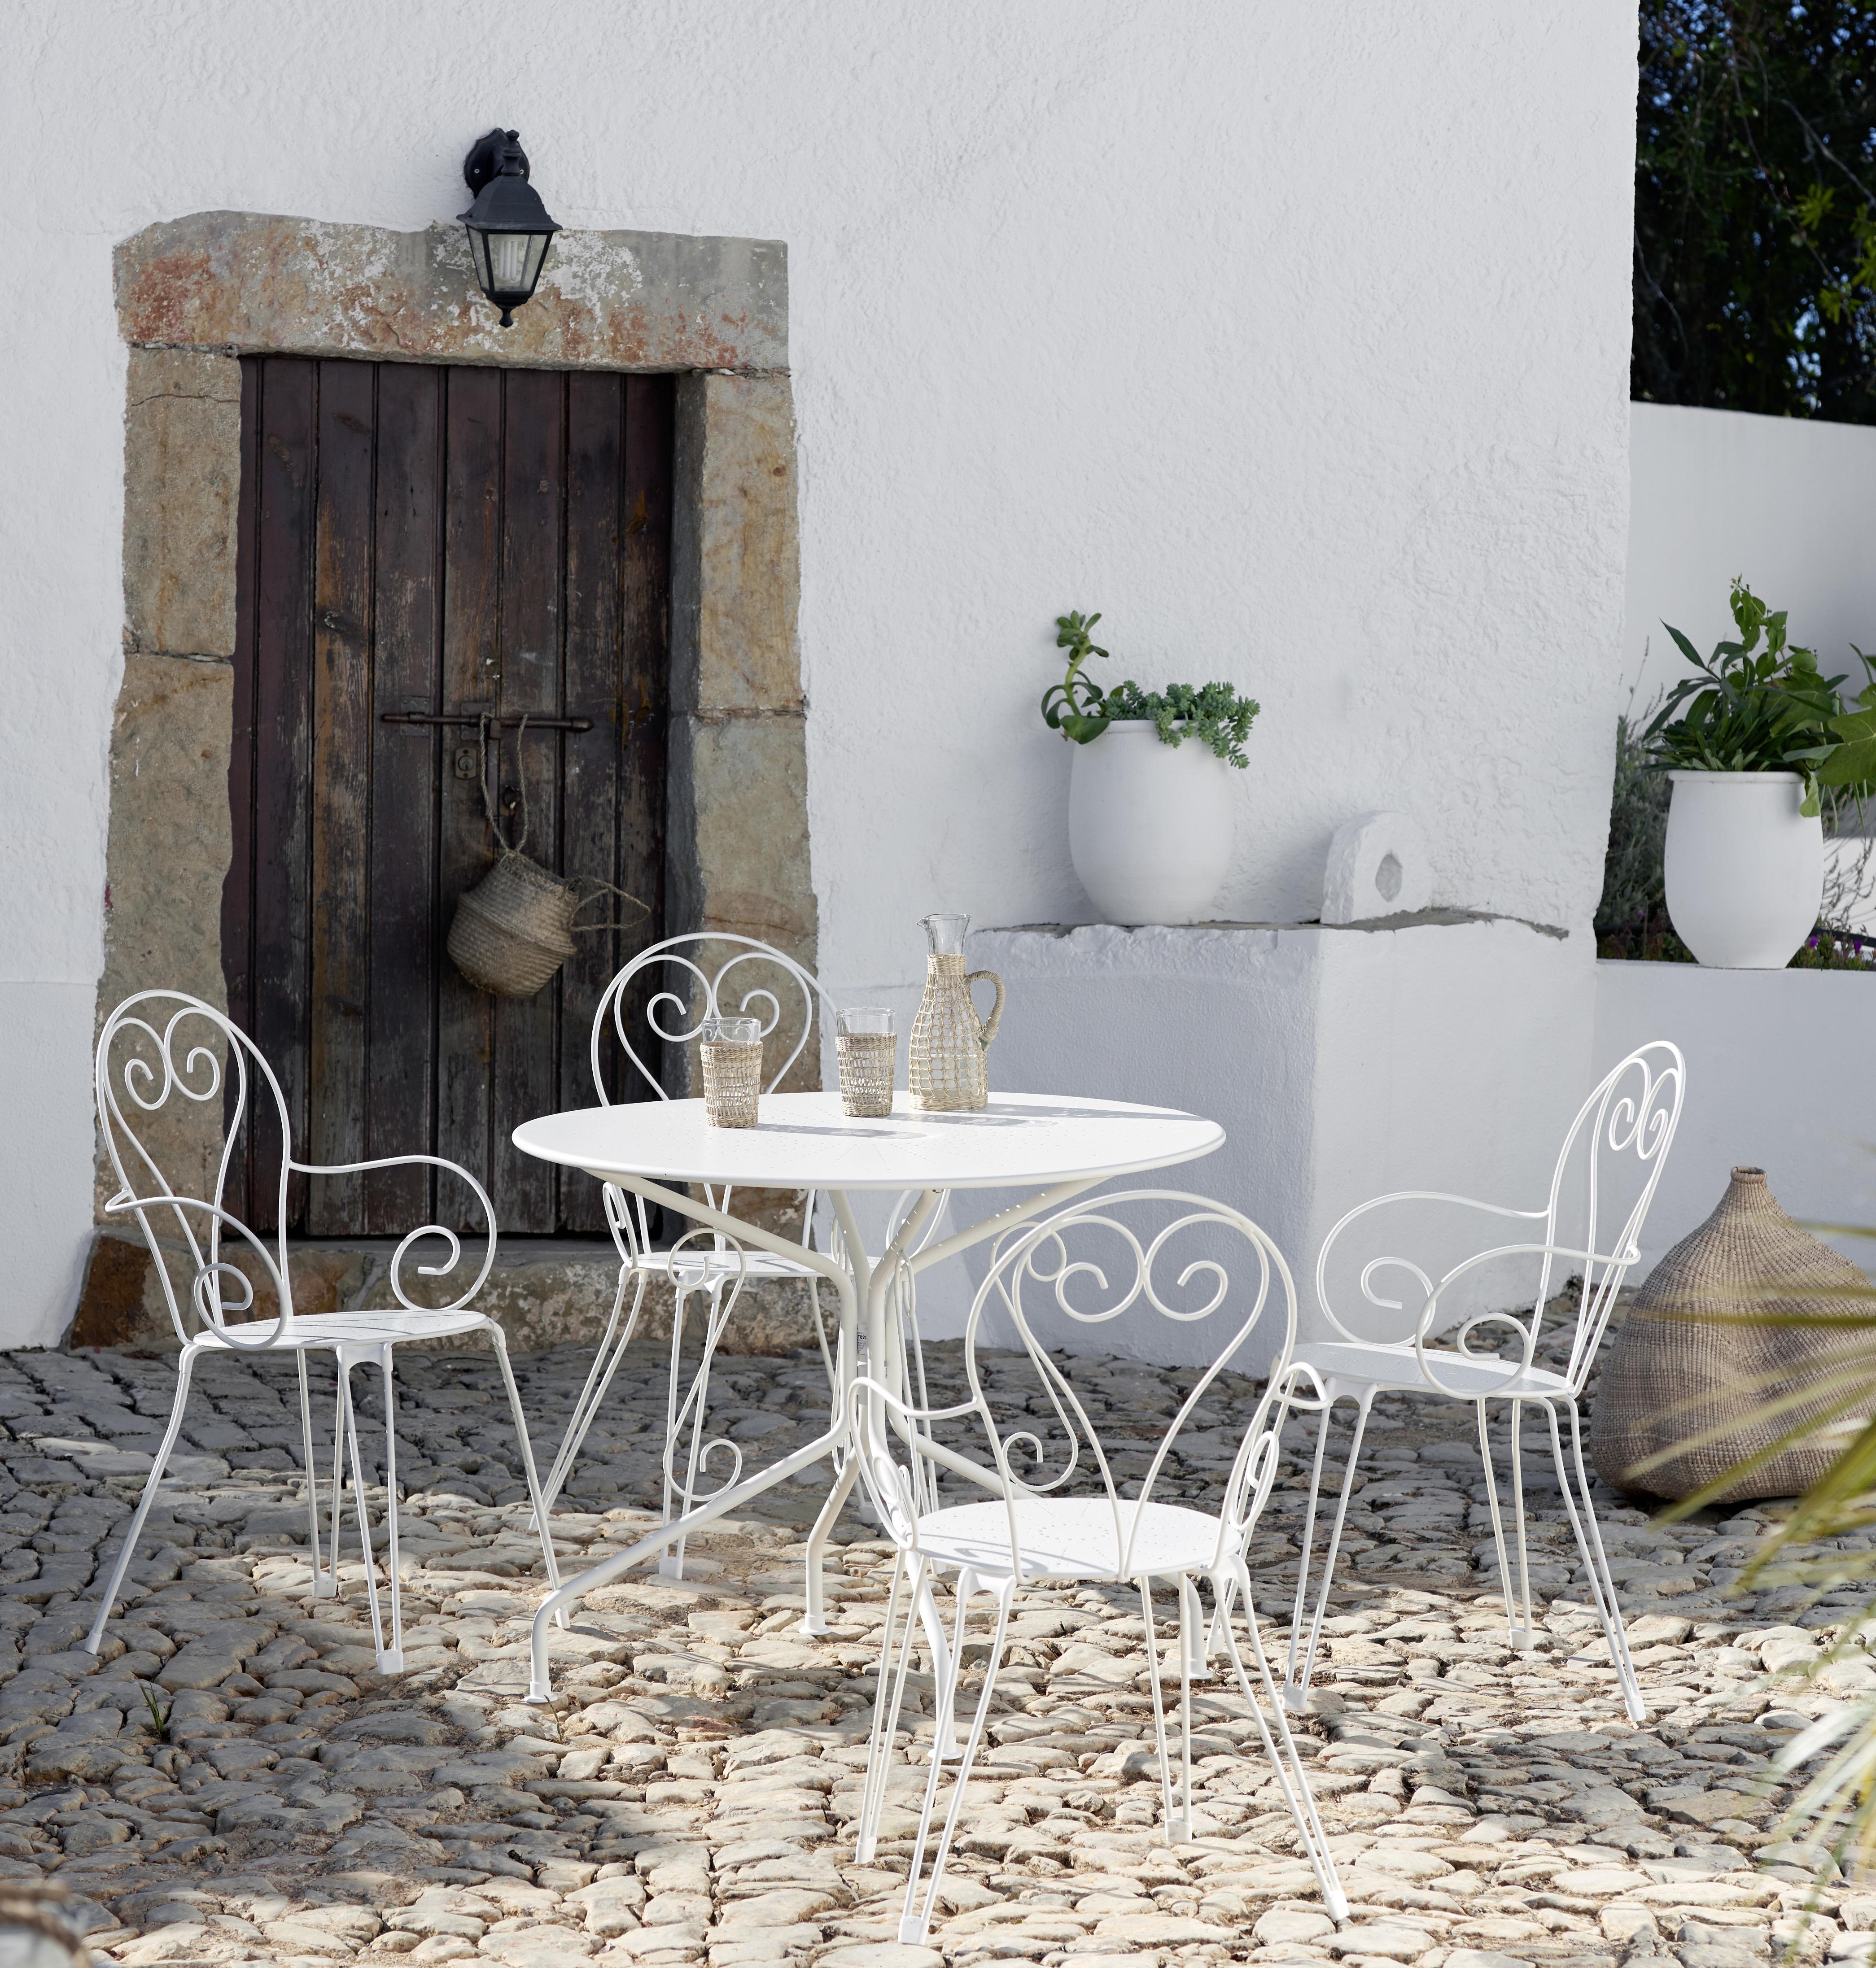 CARREFOUR - Table de jardin ronde romantique - Blanc - pas ...